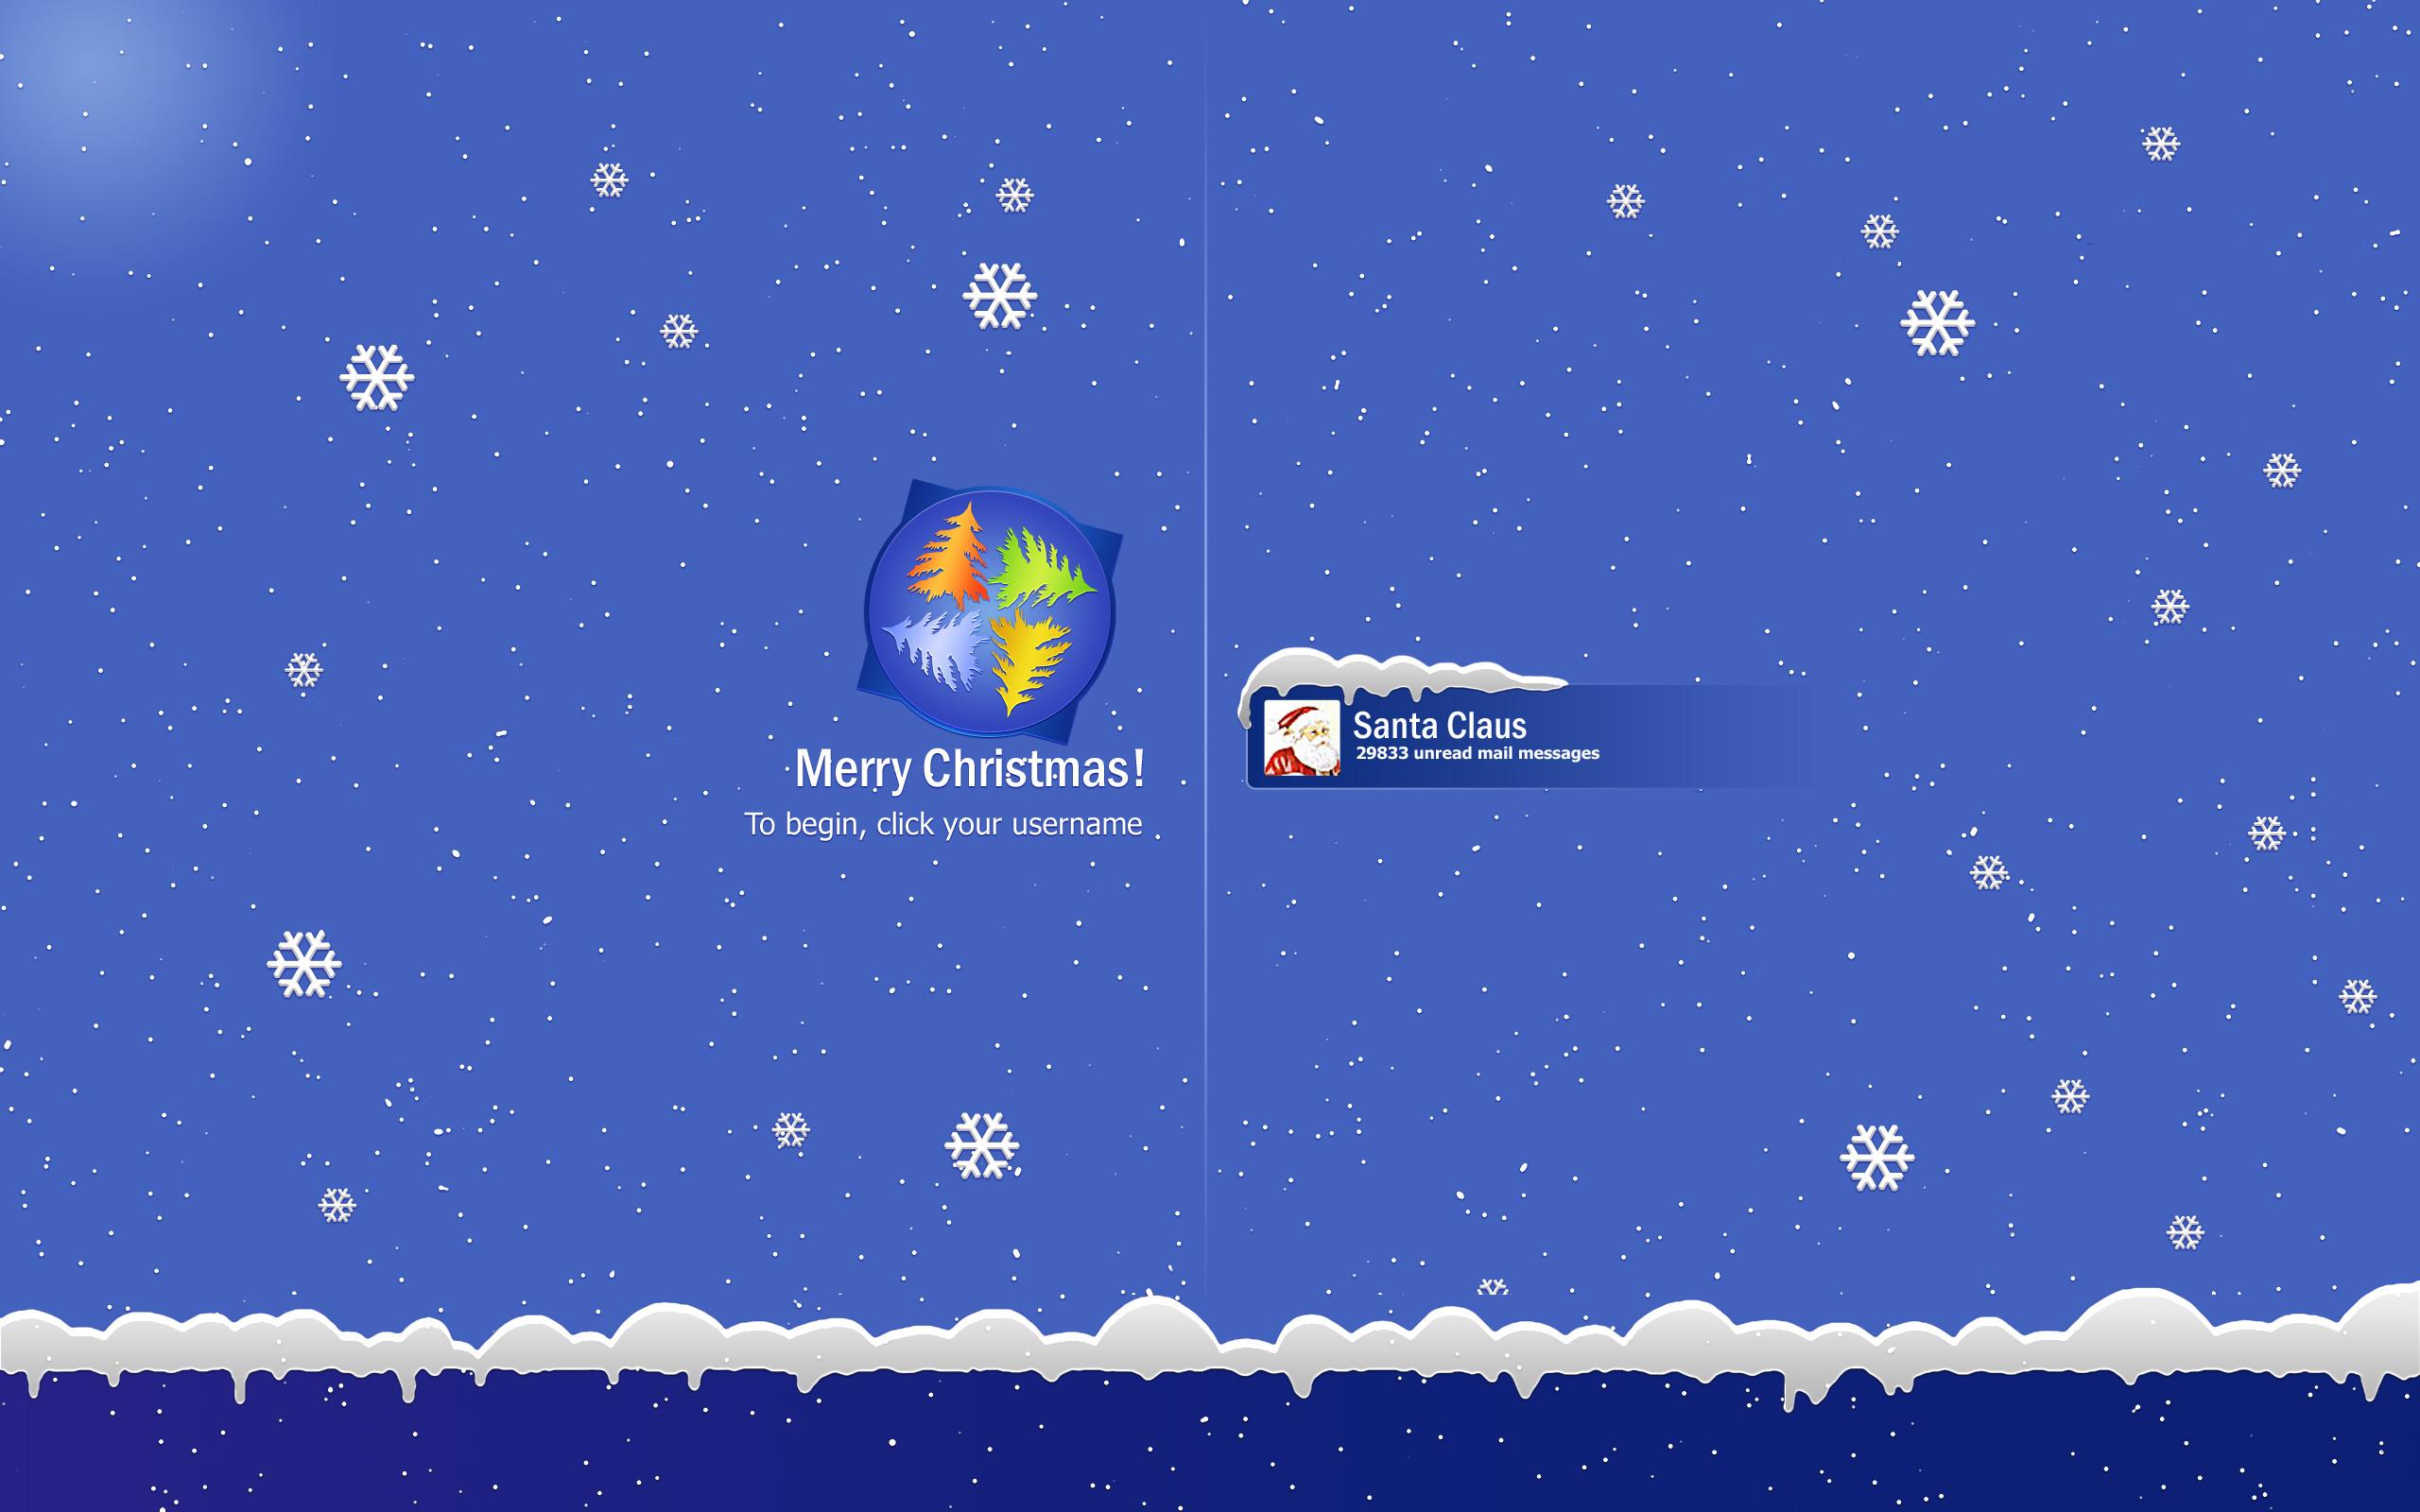 Merry Christmas Desktop Login Screen Wallpaper